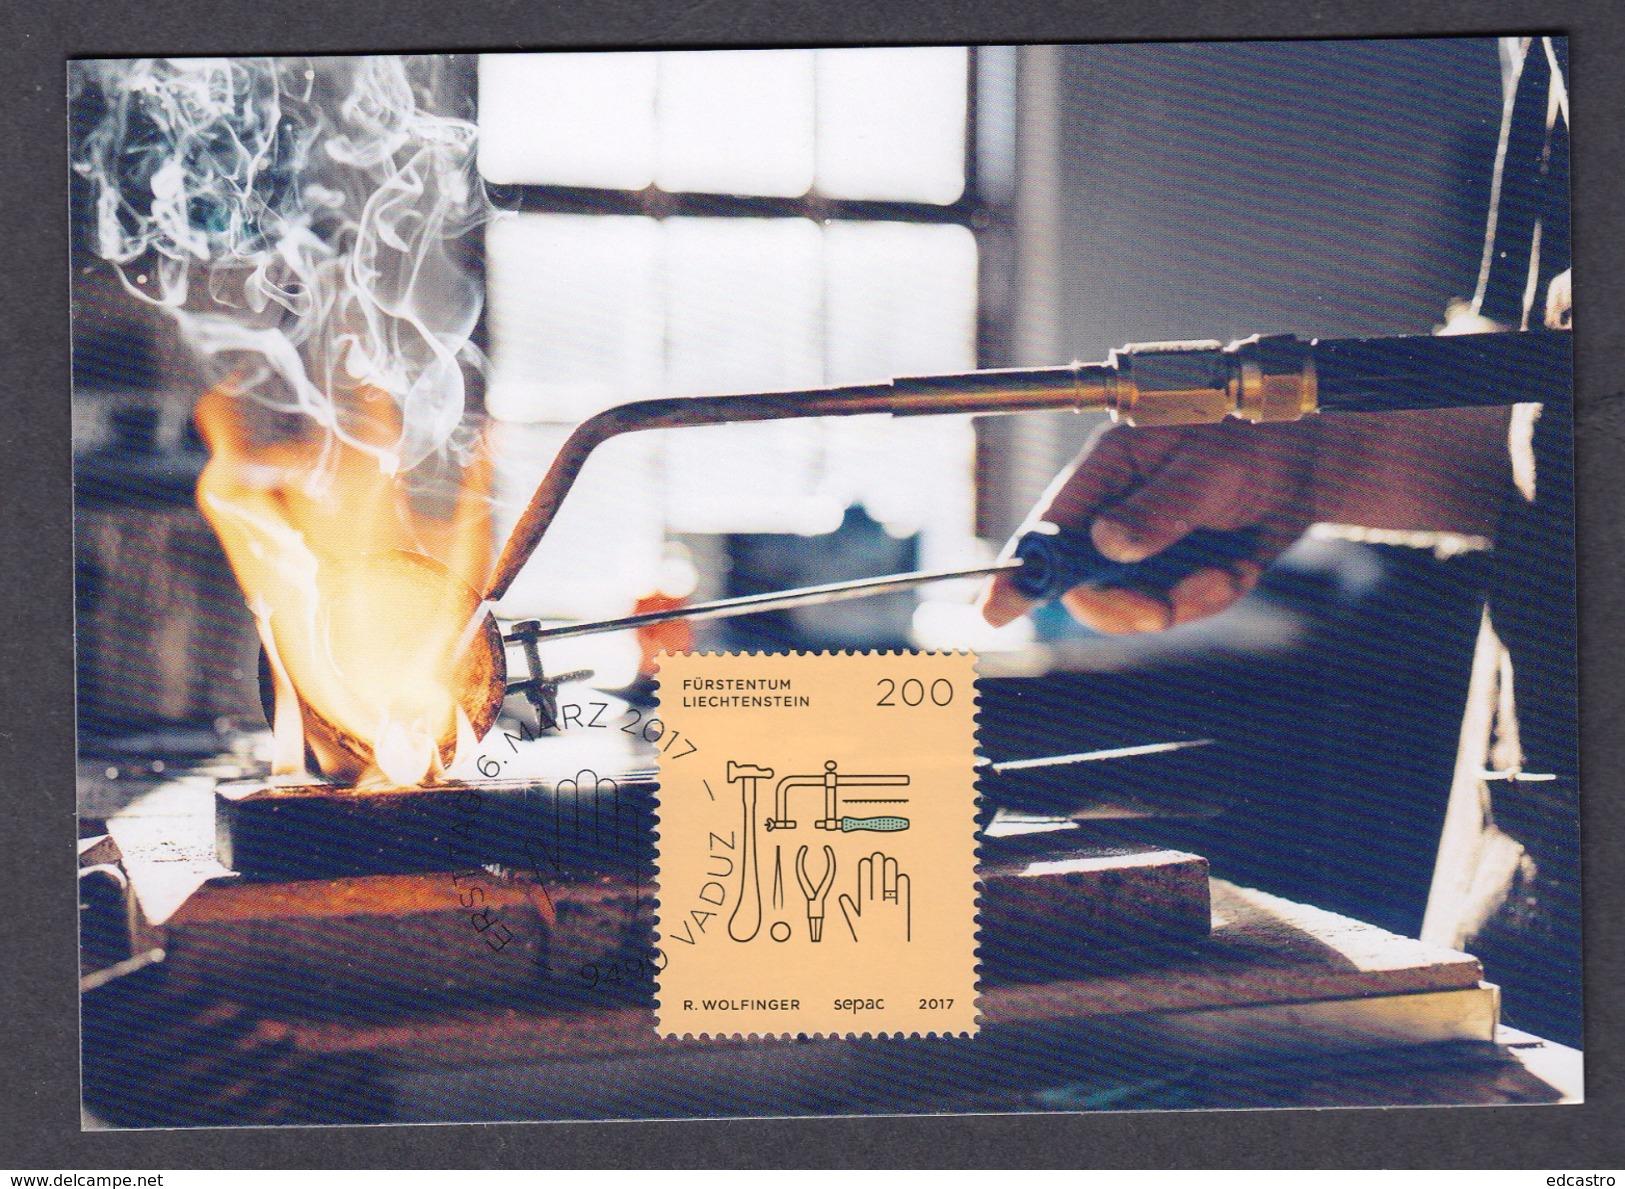 LIECHTENSTEIN 2017 MAXIMUM CARD. SEPAC 2017 - Trades And Crafts  Goldsmith - Profesiones